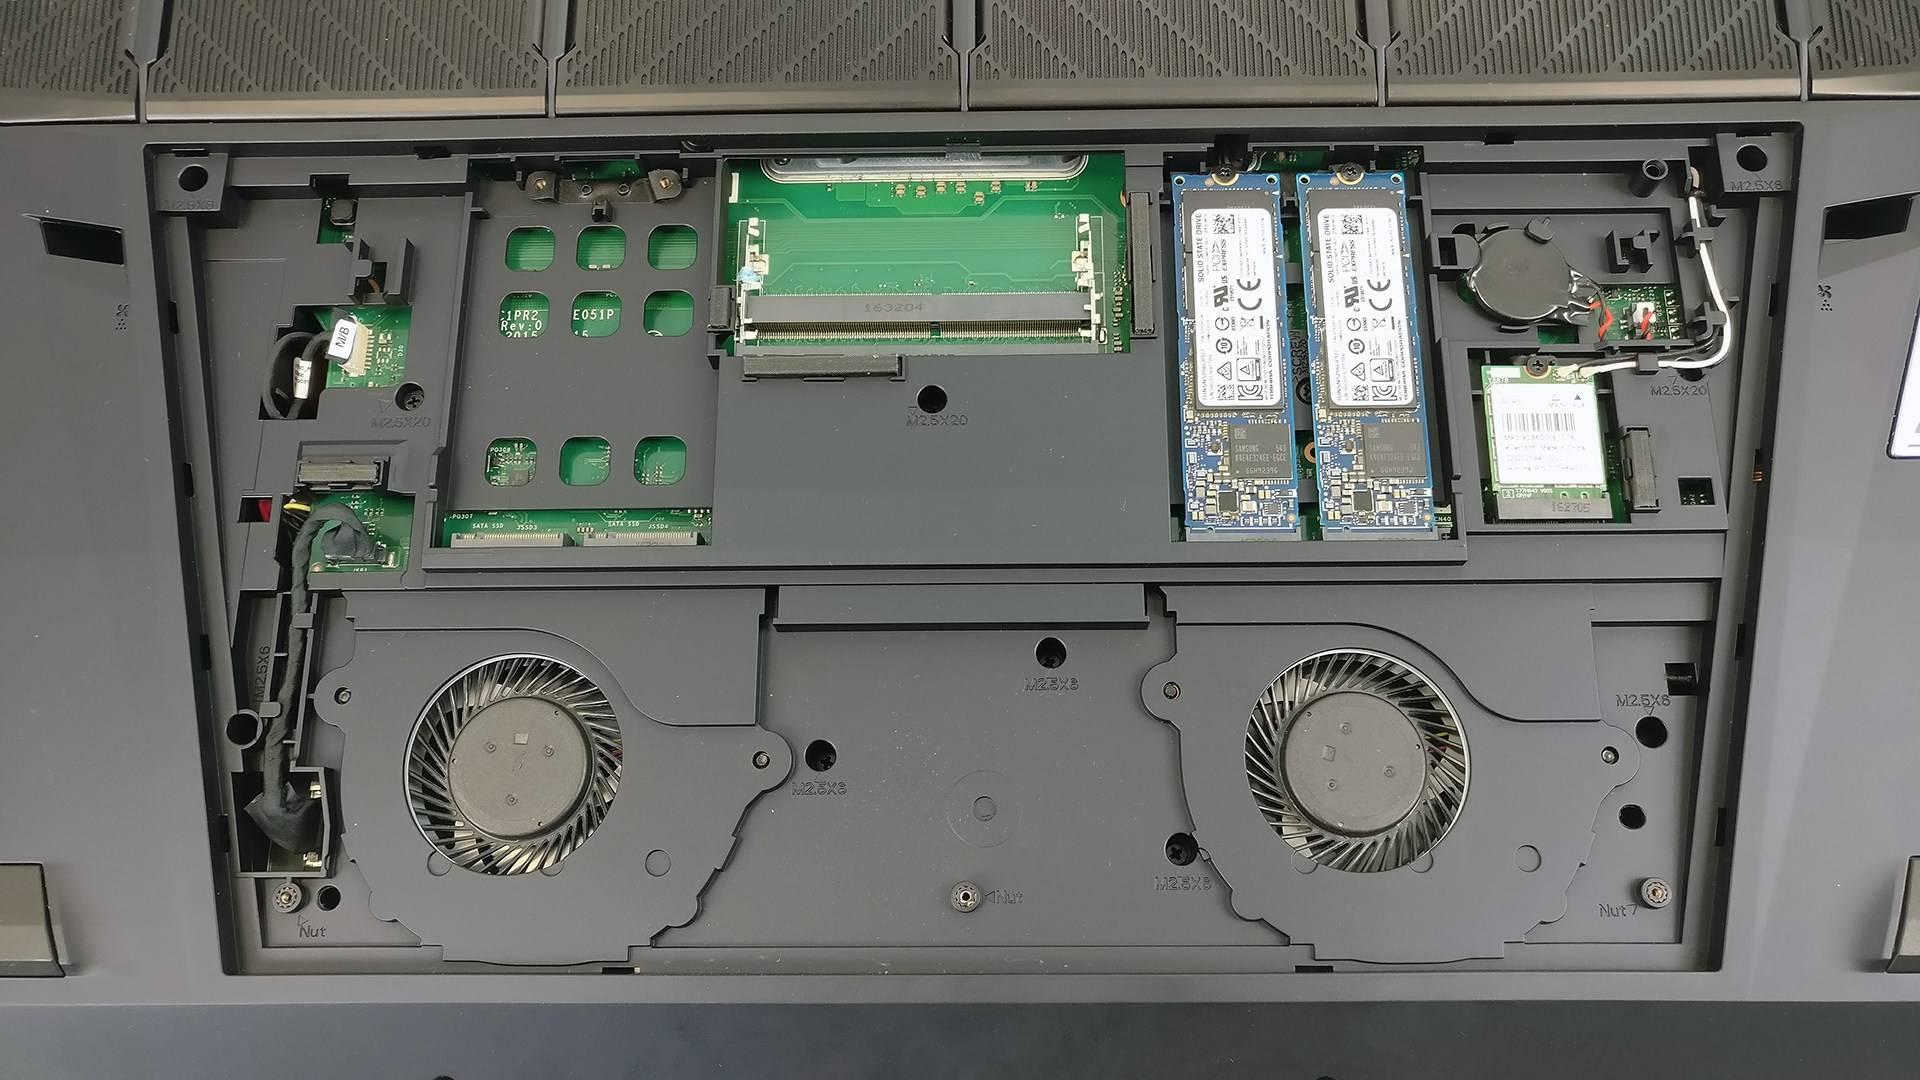 宏碁(宏基)Predator 21 X双GTX 1080显卡笔记本电脑